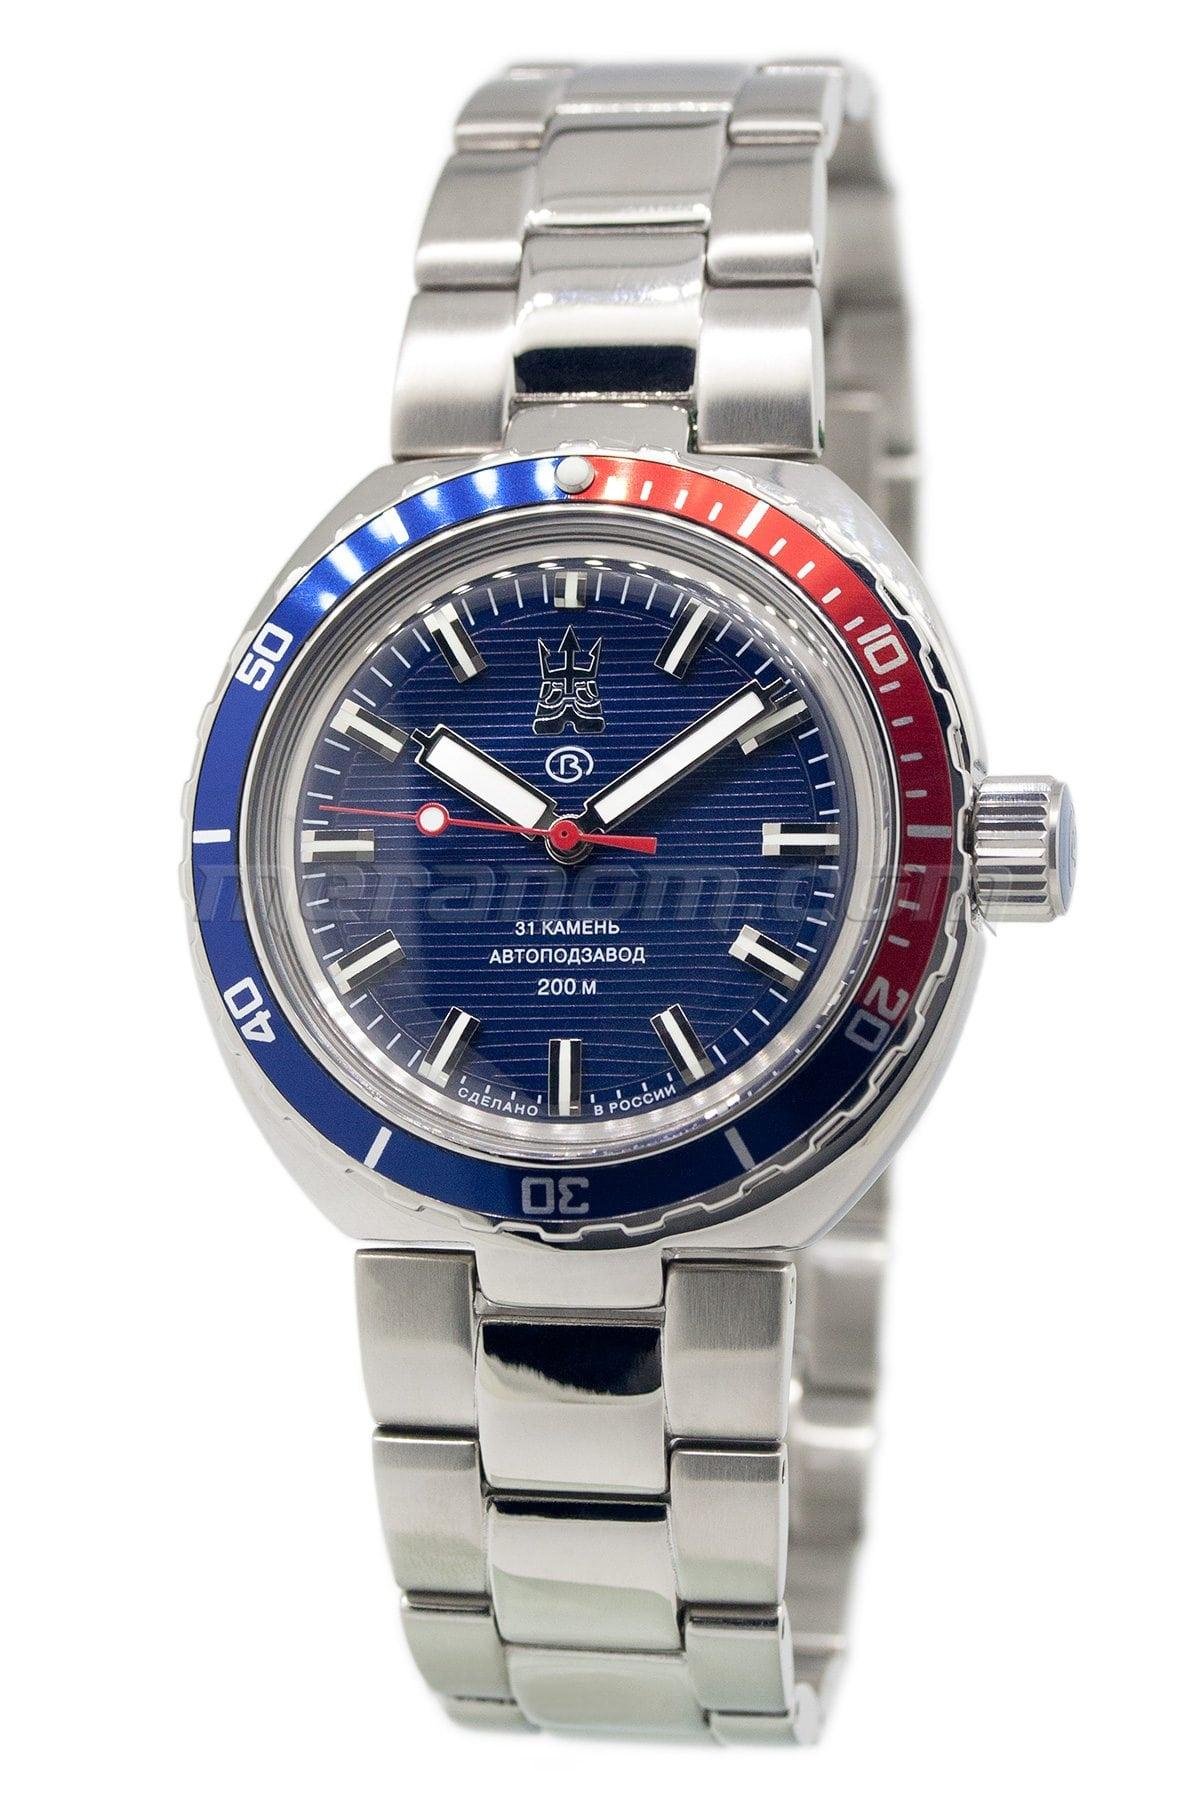 budget - plongeuse pour un budget de 500€ Vostok_Neptune_960728_Pepsi-01-max-1800